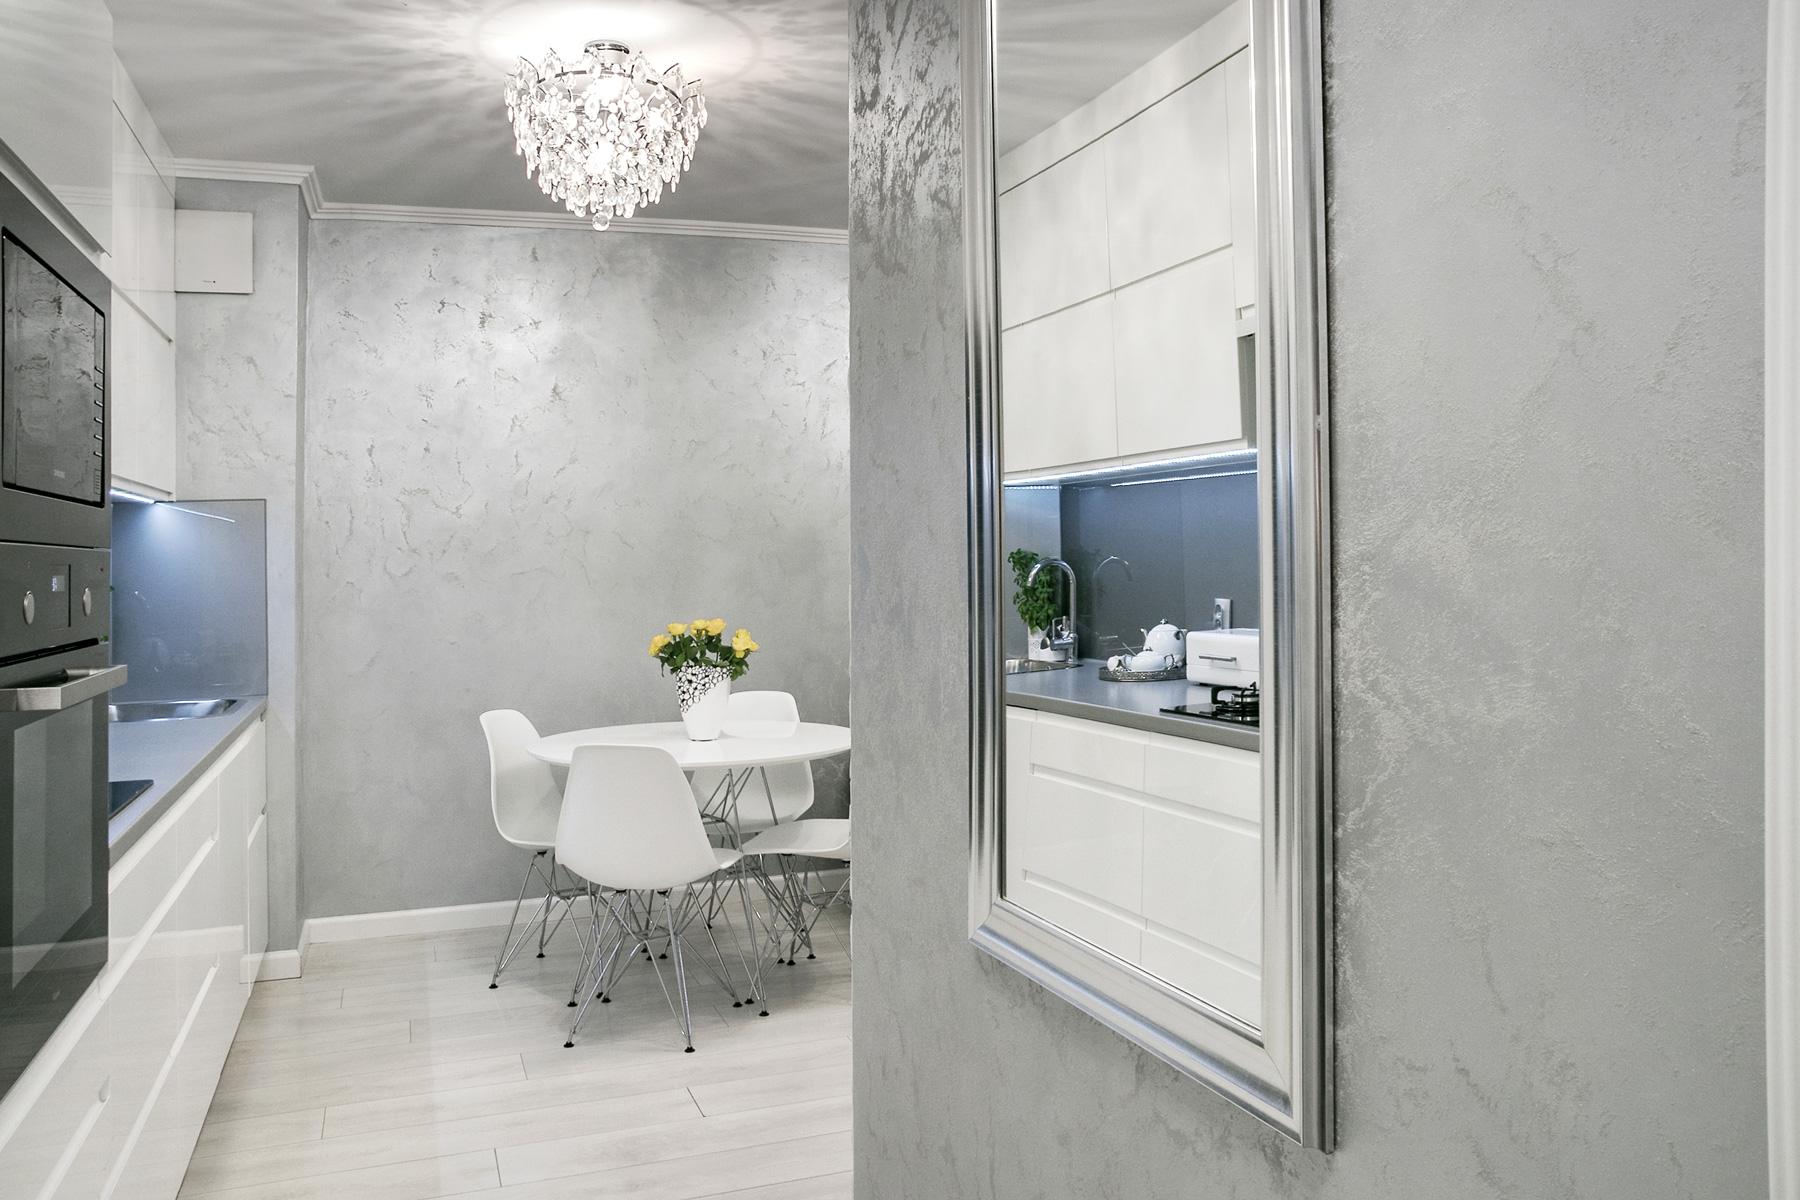 Zaczaruj Wnętrze Swojego Domu Farby Dekoracyjne Do ścian